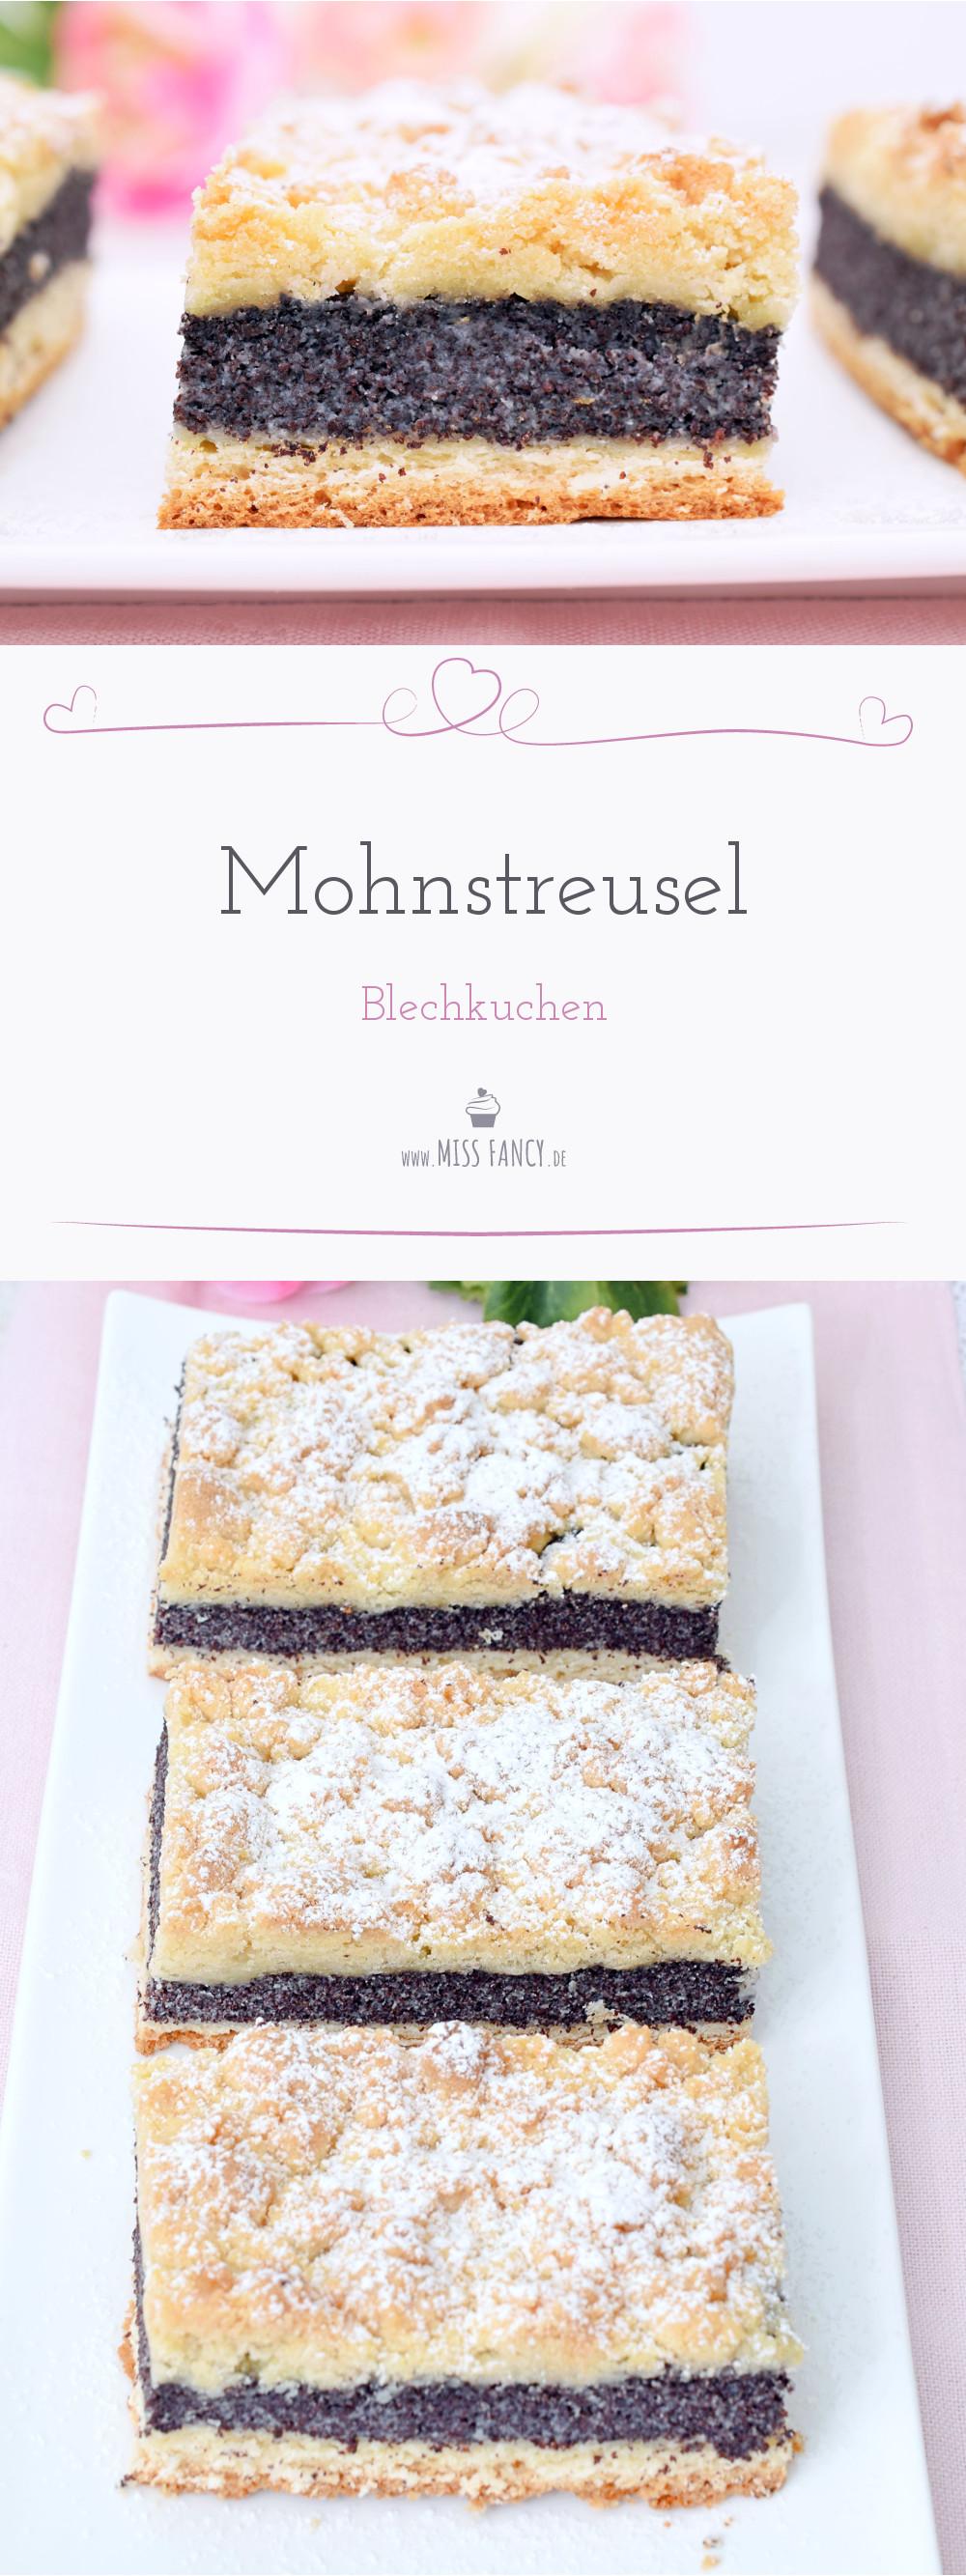 Rezept-Mohnstreusel-Blechkuchen-Missfancy